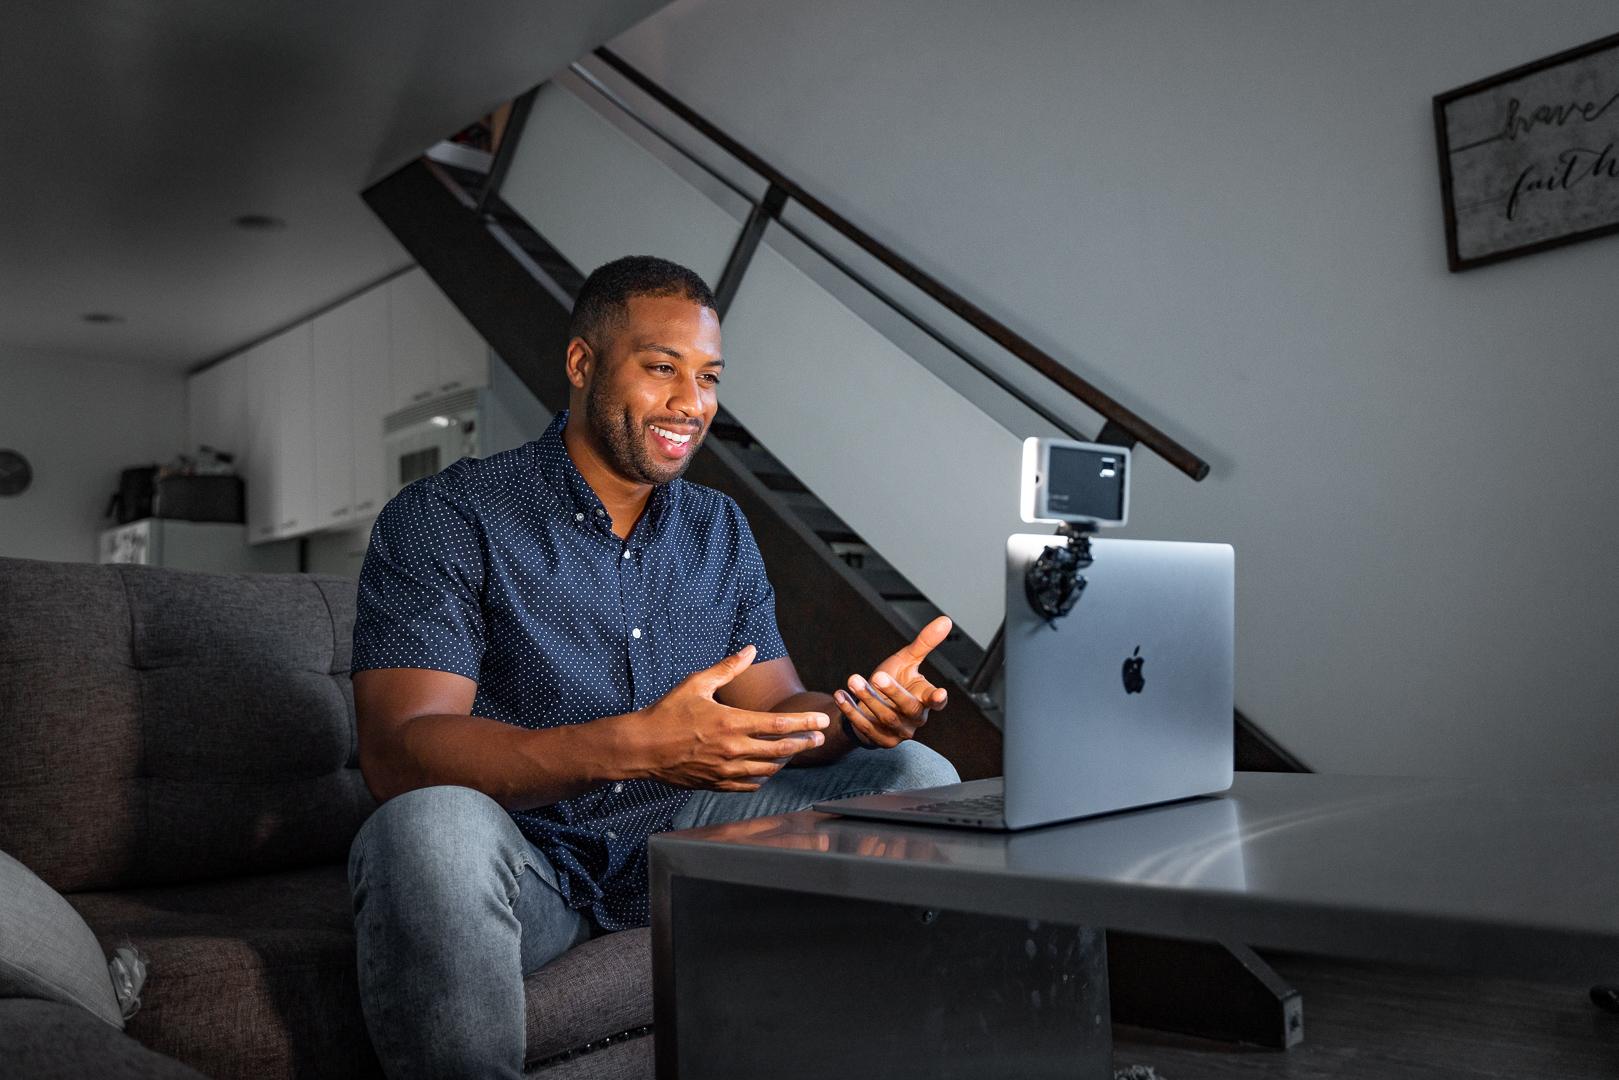 man on work zoom meeting in his living room